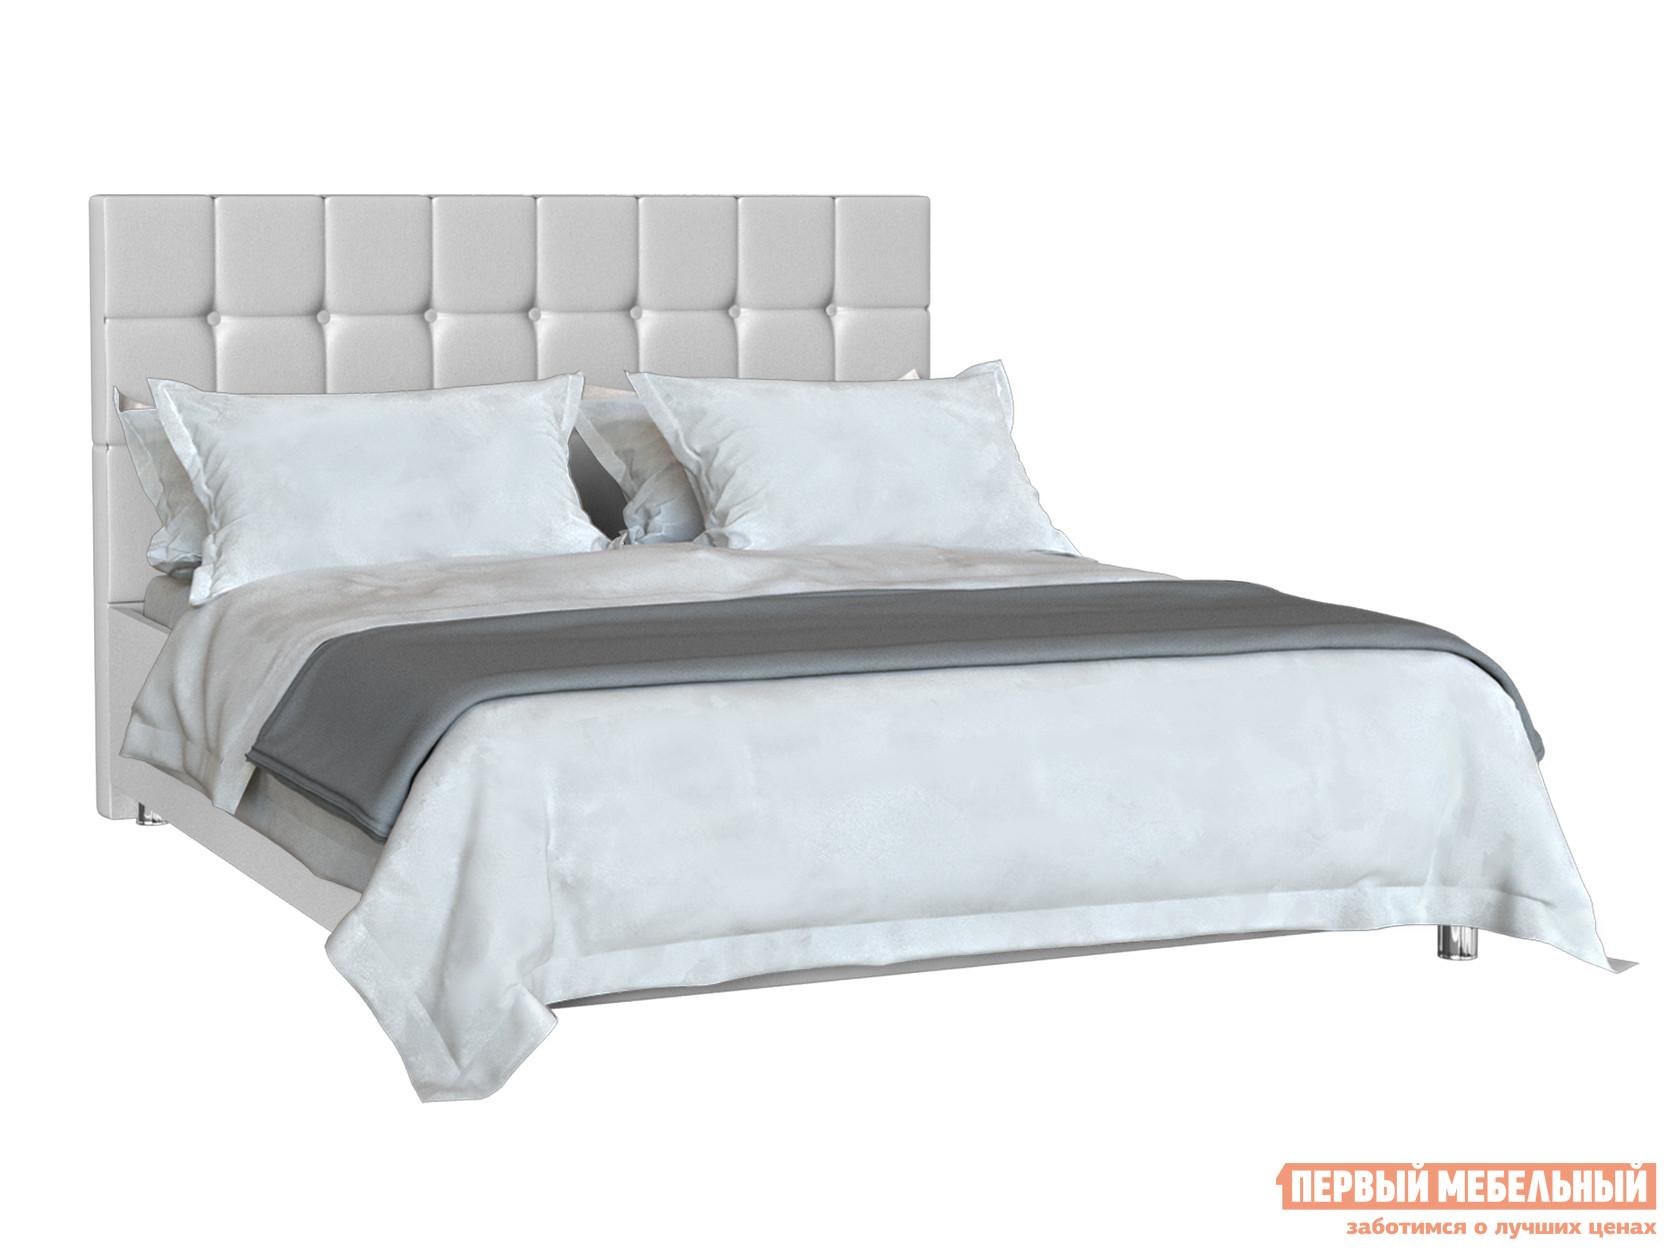 Двуспальная кровать Первый Мебельный Кровать Тиволи с ортопедическим основанием